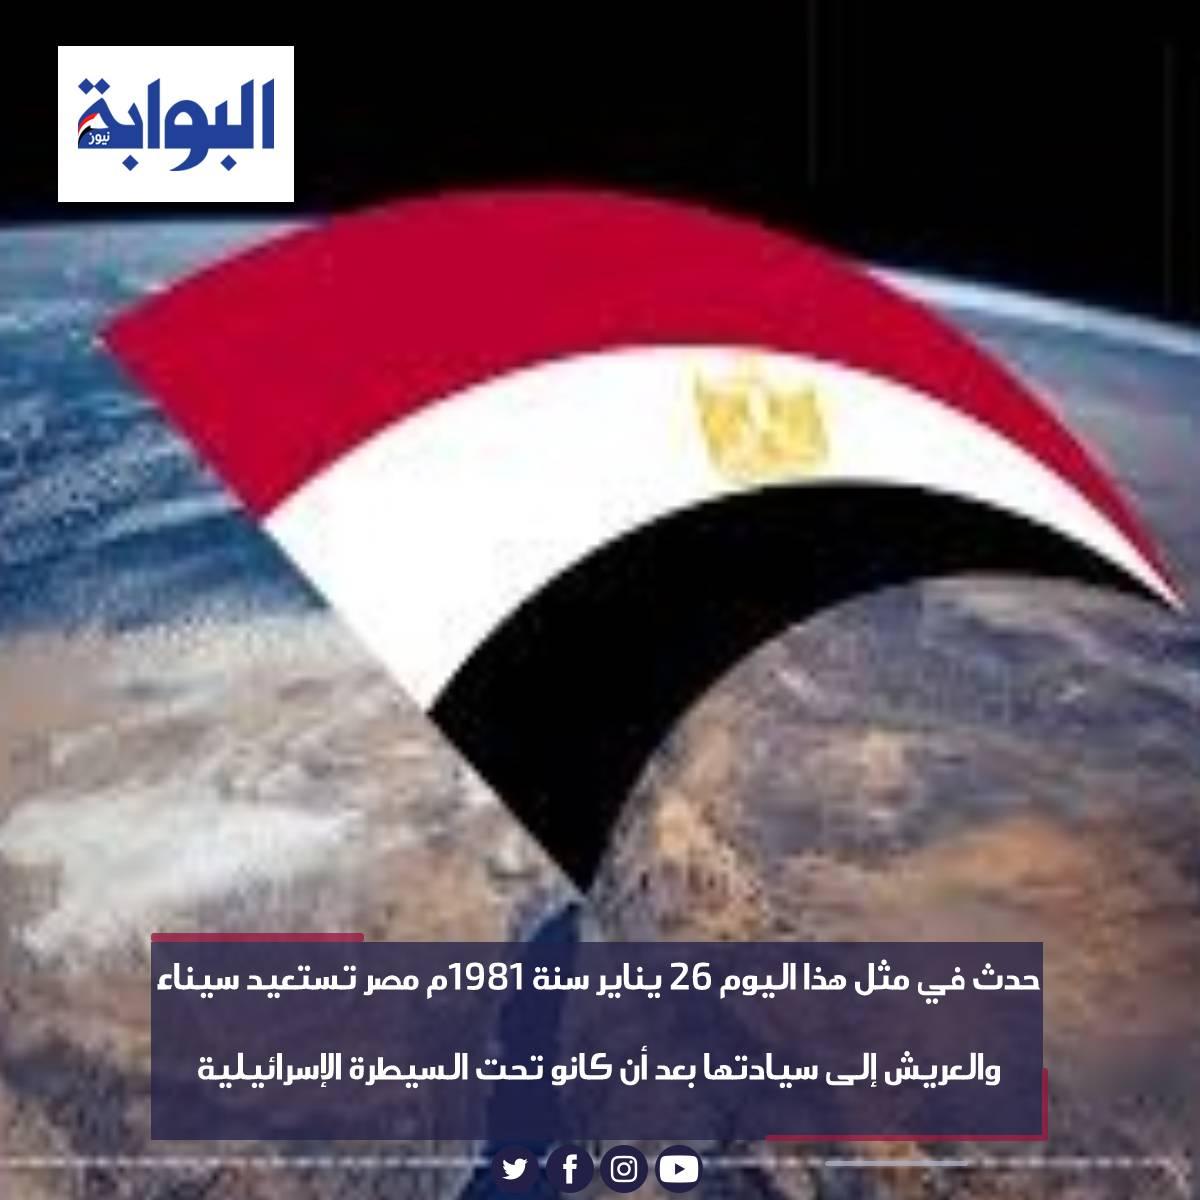 حدث في مثل هذا اليوم 26 يناير سنة 1981م #مصر تستعيد سيناء والعريش إلى سيادتها بعد أن كانو تحت السيطرة الإسرائيلية #البوابة_نيوز